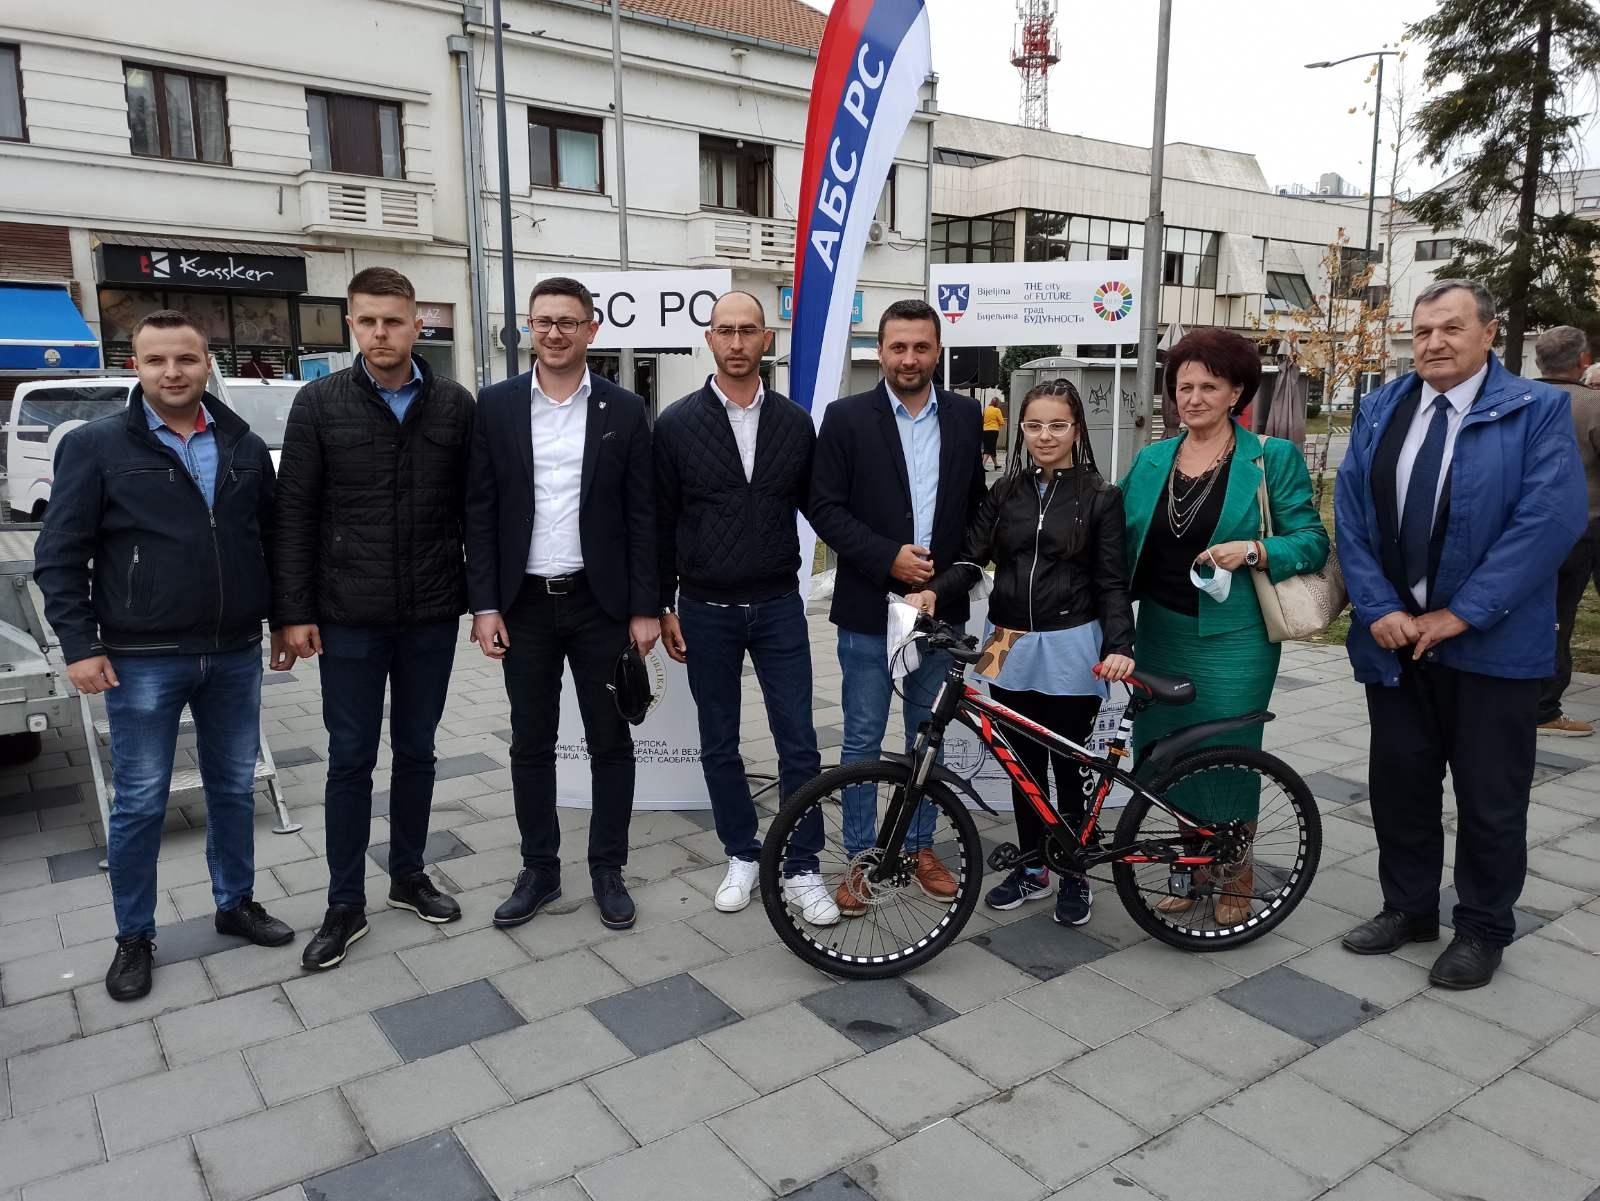 У Бијељини обиљежена Европска недјеља мобилности